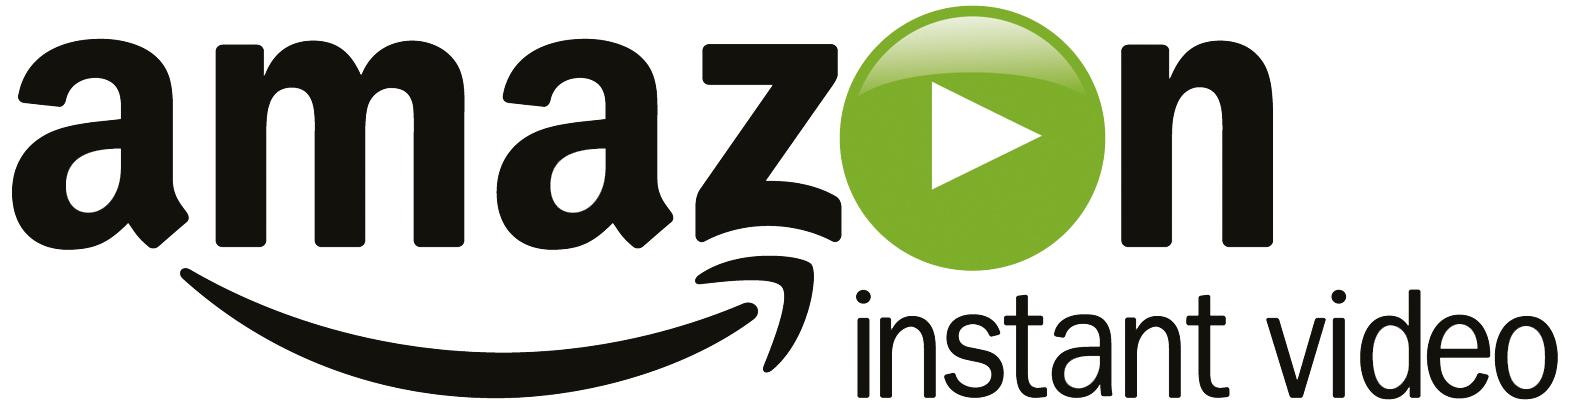 Amazon-Instant-Video copy.jpg